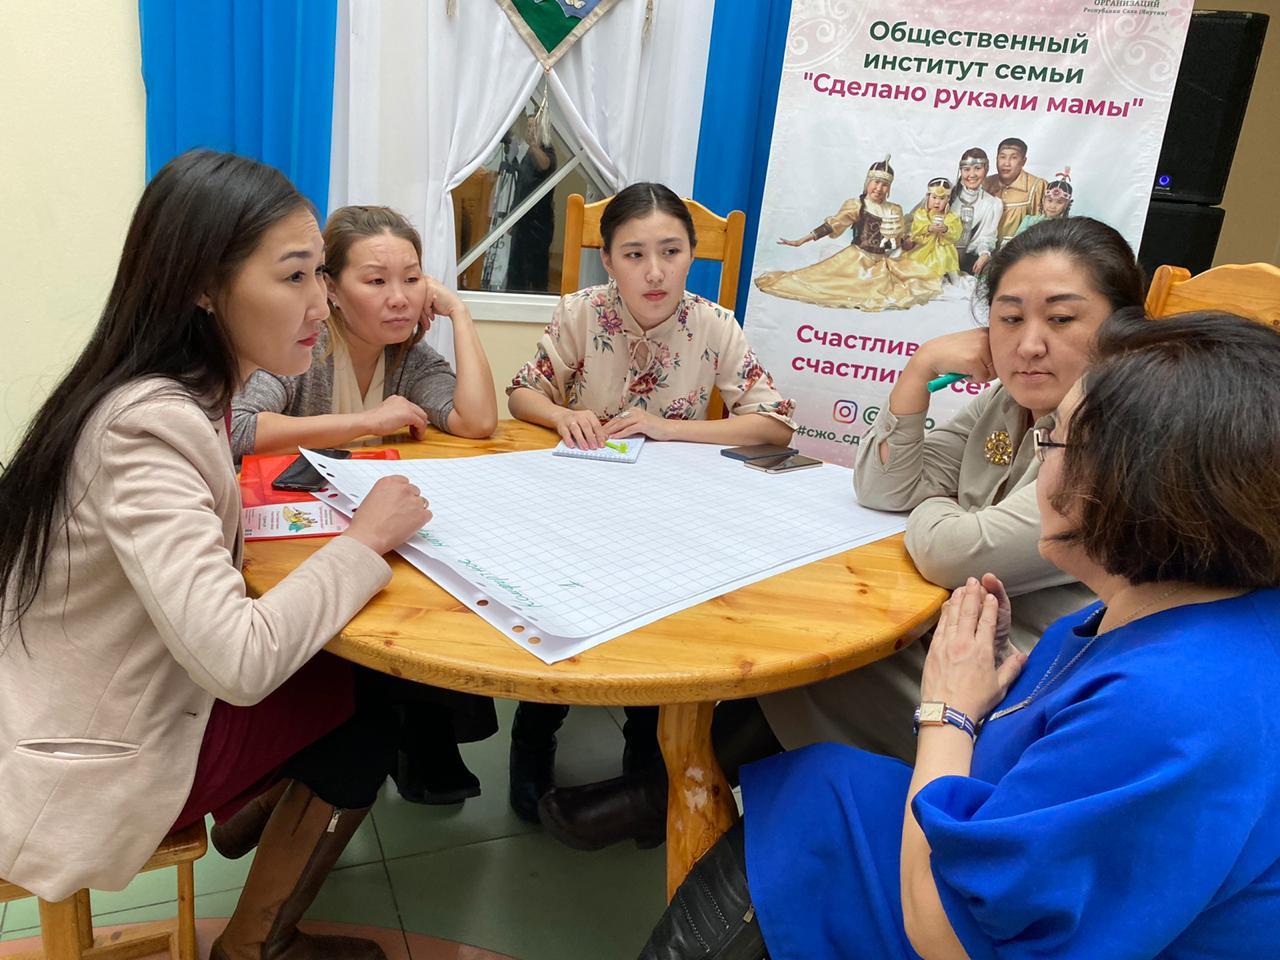 Сардана Авксентьева: «Проект «Сделано руками мамы» показал актуальность и высокую социальную значимость»